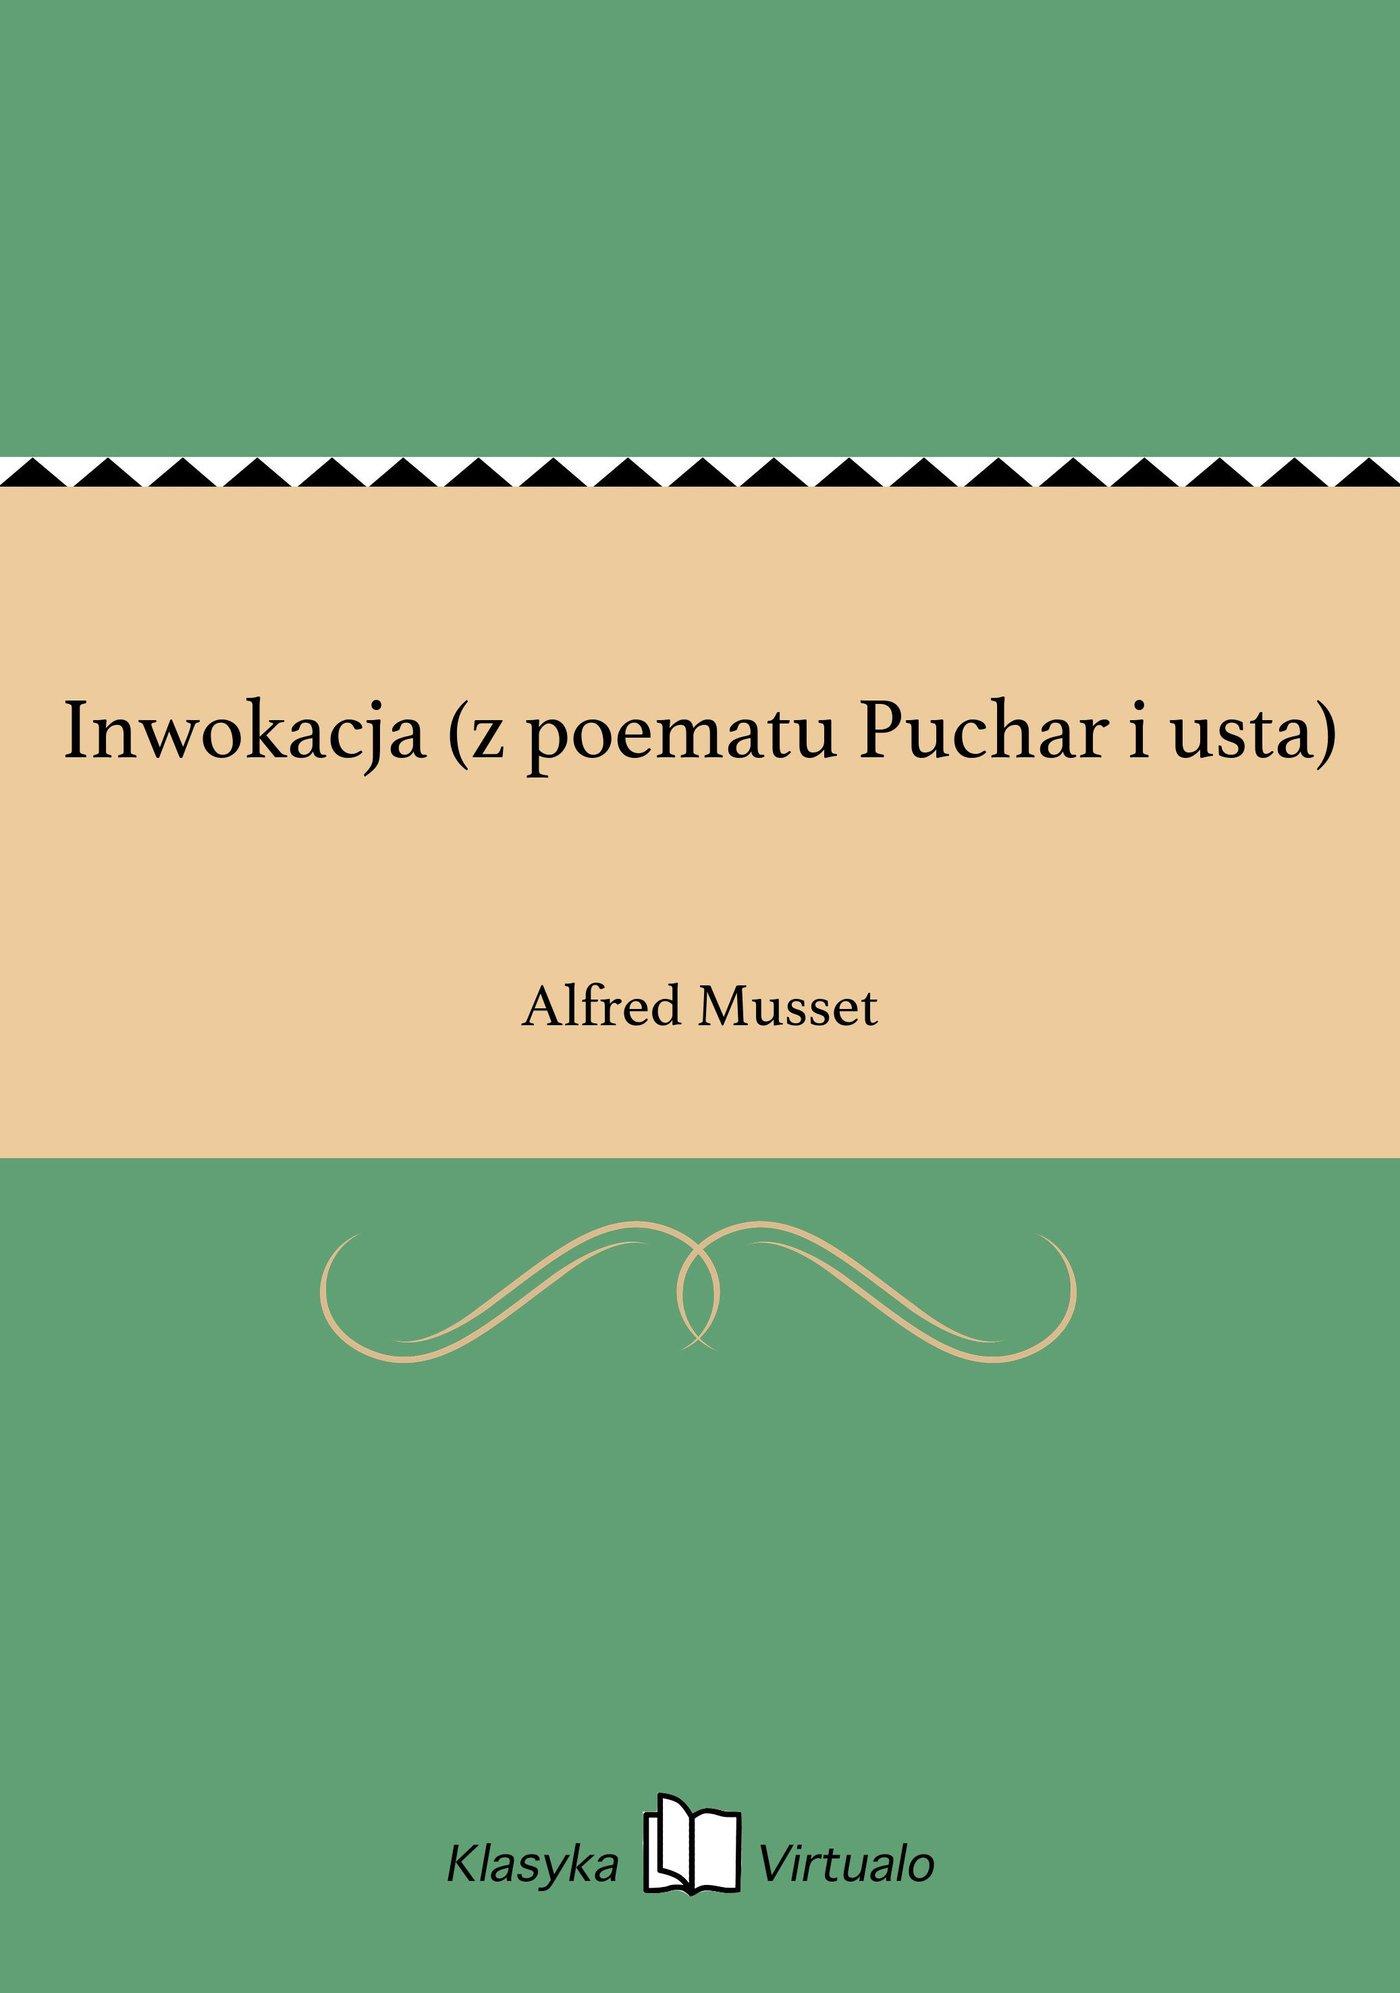 Inwokacja (z poematu Puchar i usta) - Ebook (Książka EPUB) do pobrania w formacie EPUB